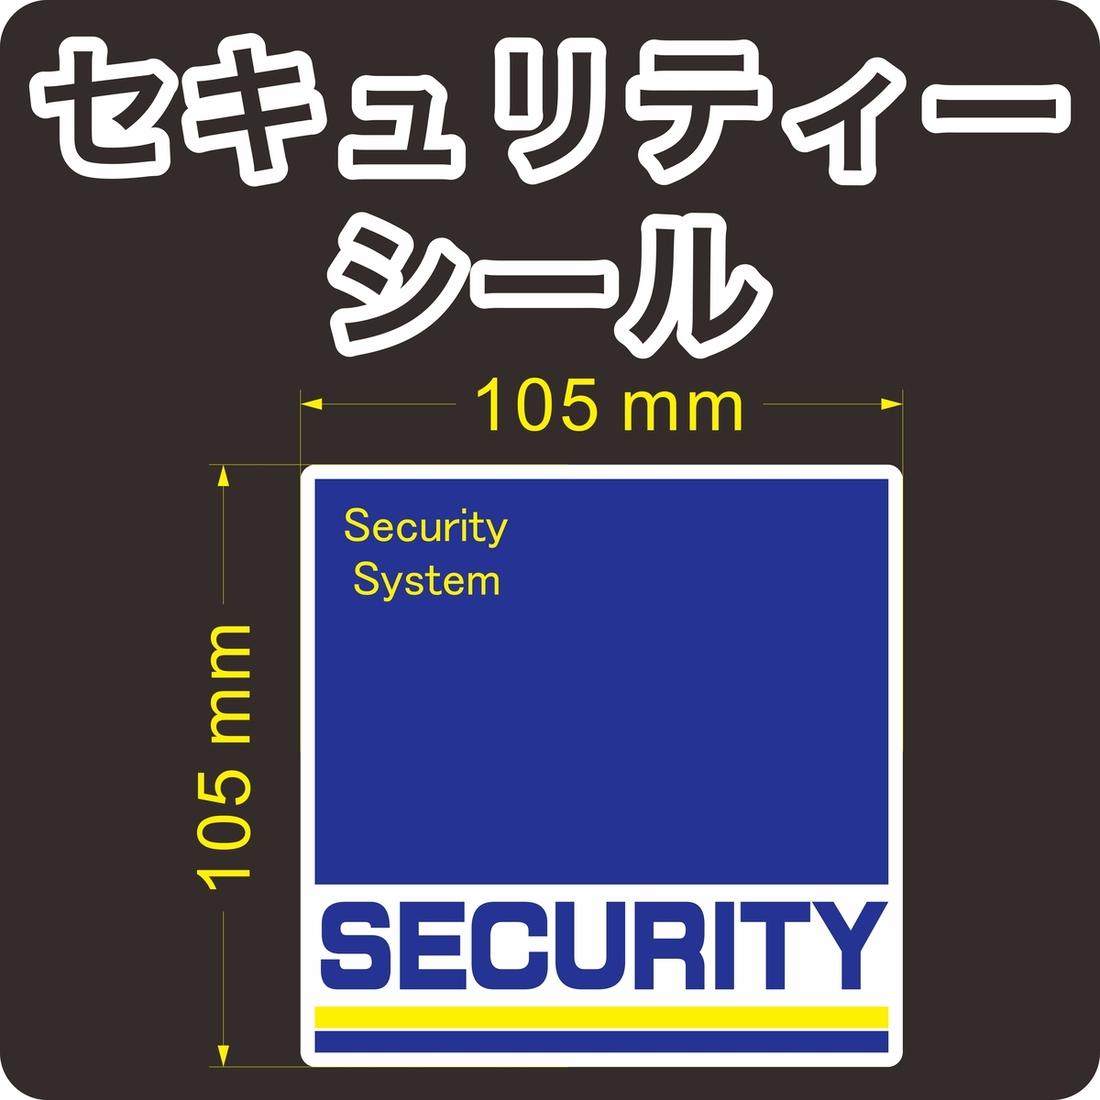 防犯 カメラ シール 屋外可能 アルソック風 セコム風 セキュリティー 105mm×105mm 当社製作 正方形 ステッカー 日本製 1枚 新品 屋外使用可能 大幅値下げランキング